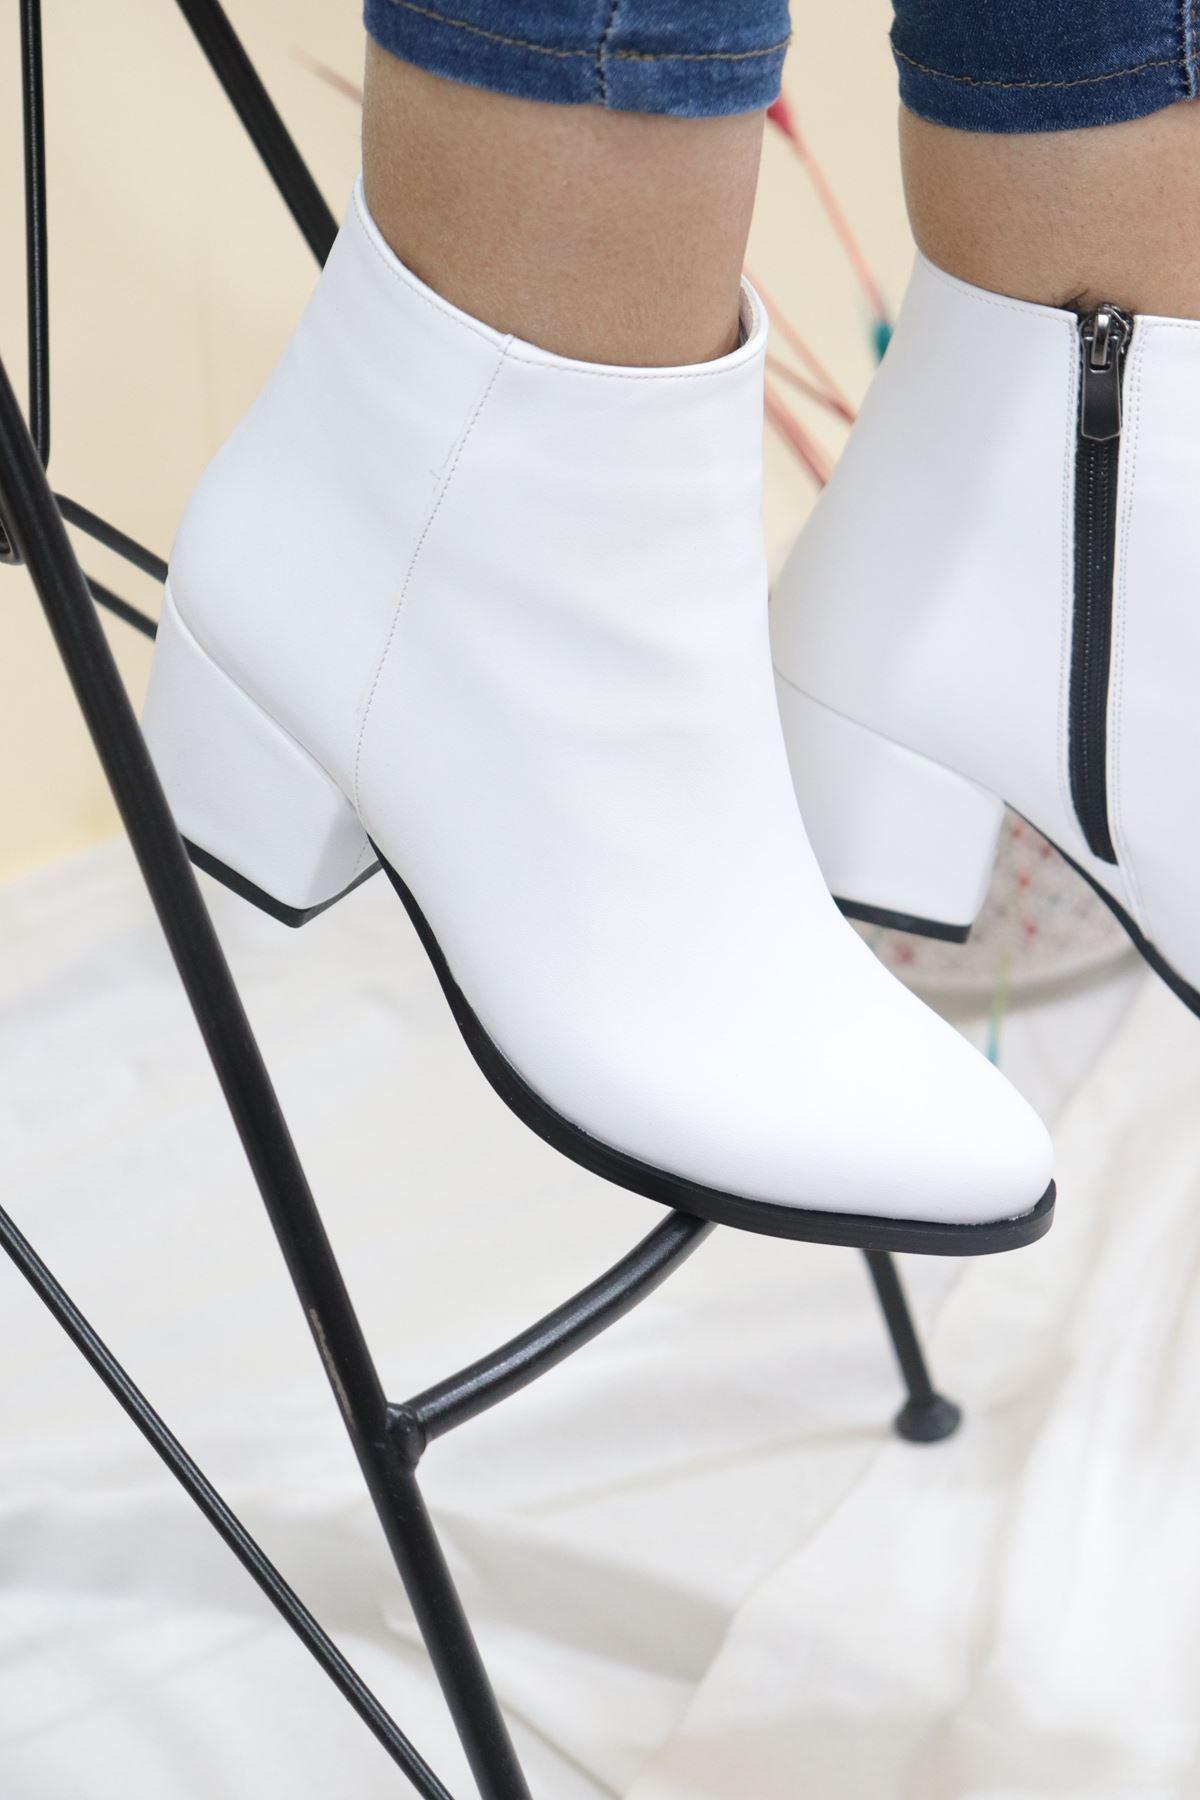 Trendayakkabı - Beyaz Kısa Topuk Kadın Bot